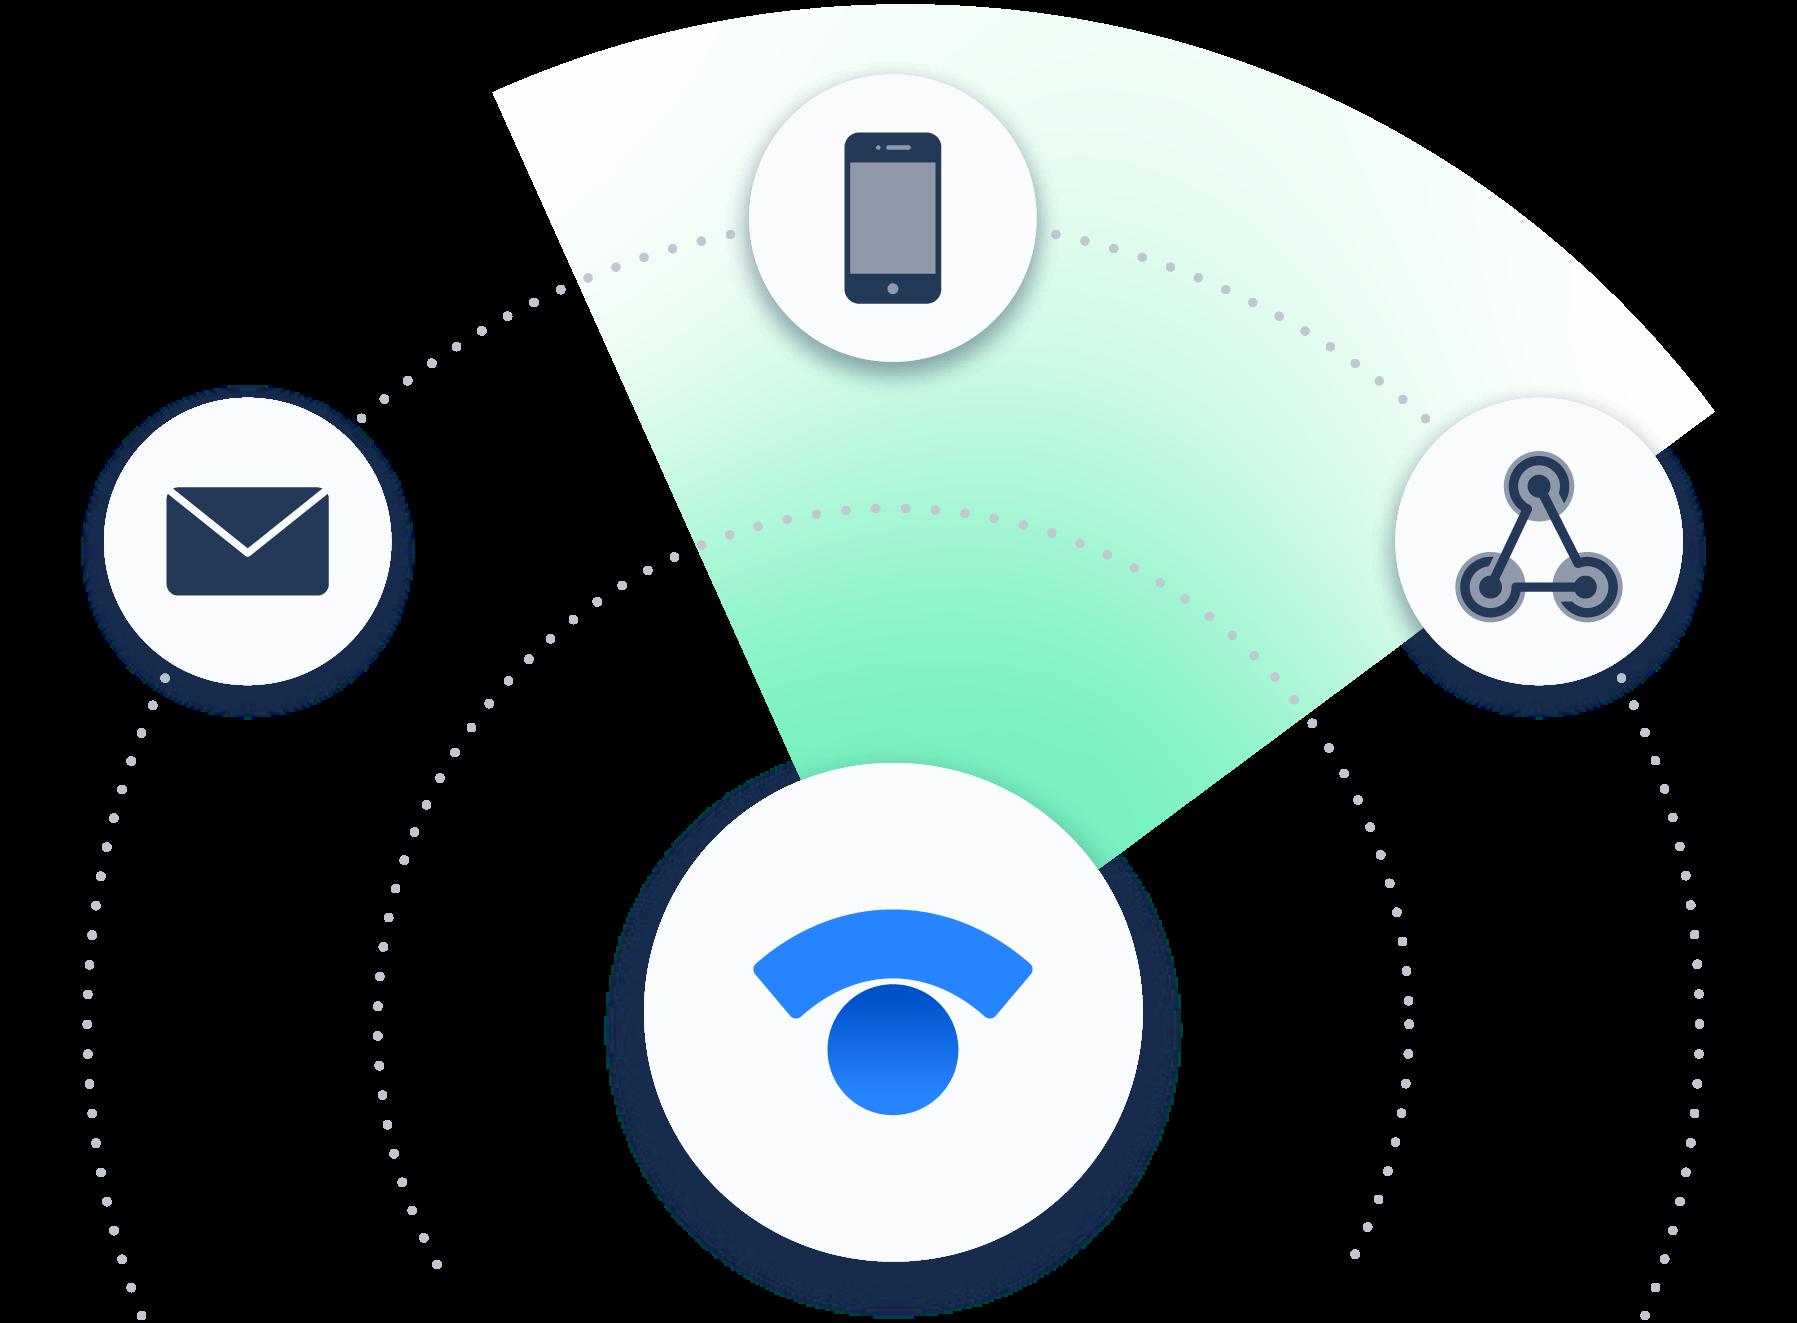 コミュニケーションアイコン (メールや電話など) に囲まれた Statuspage アイコン